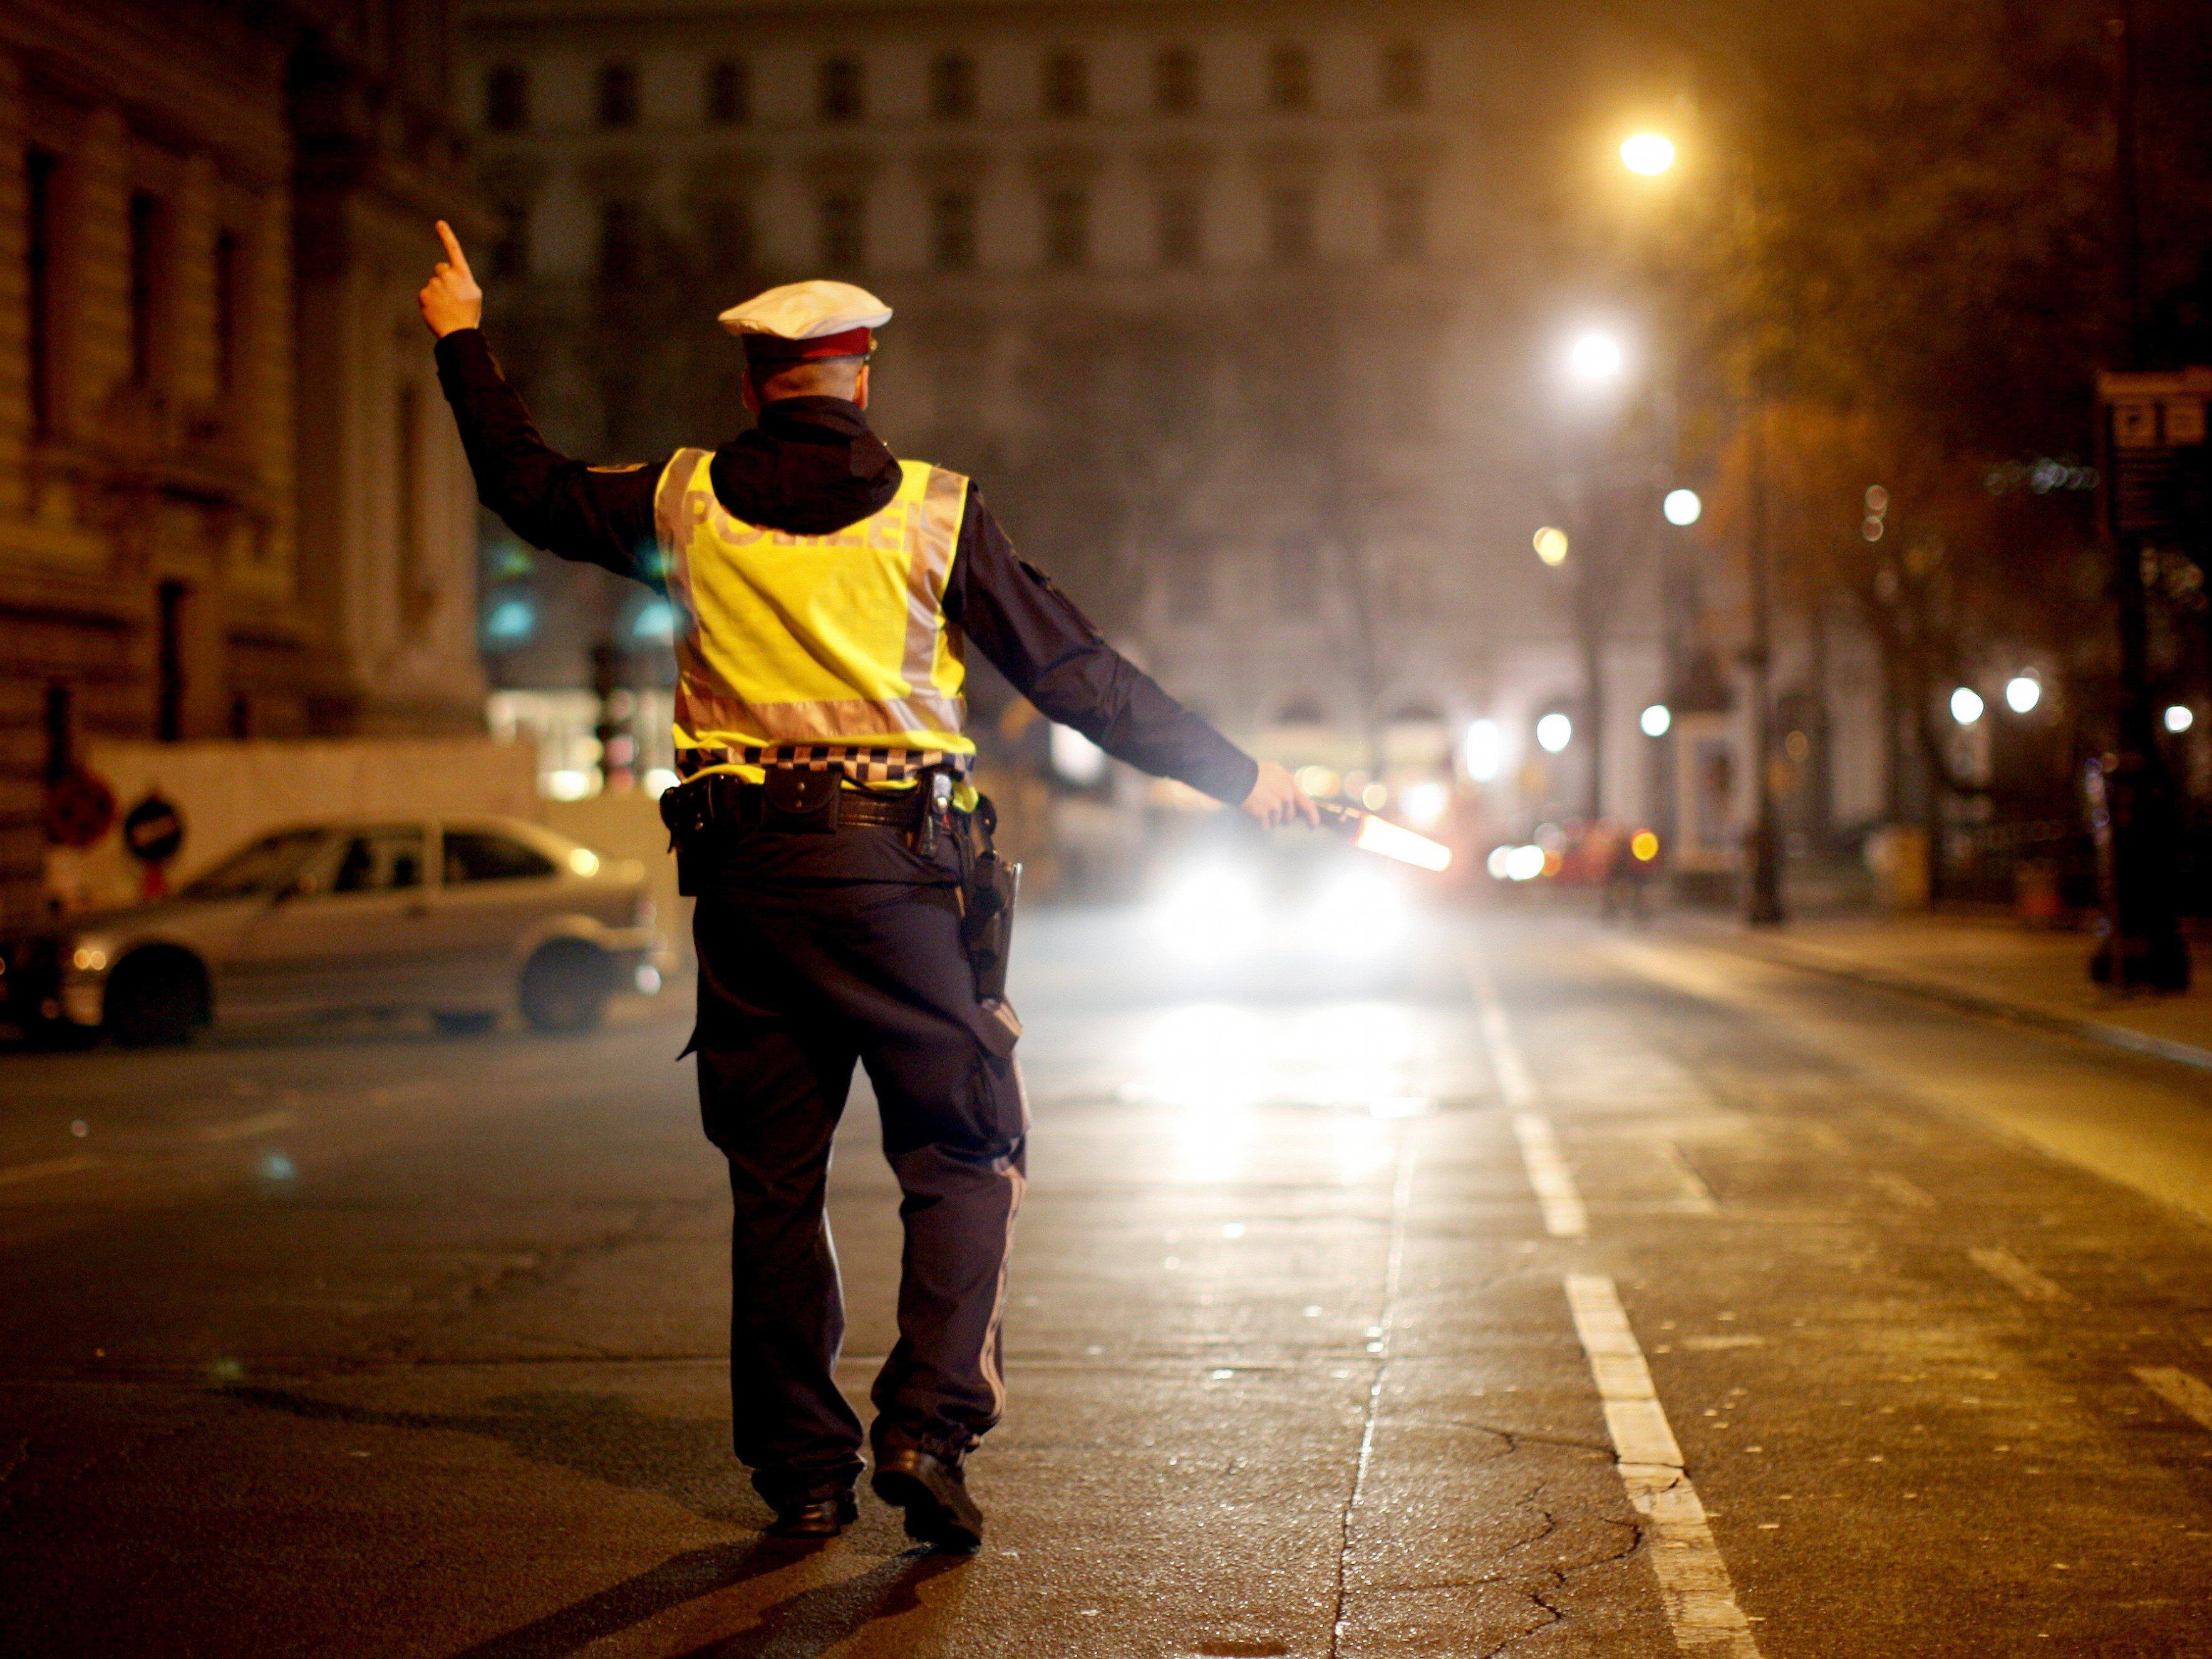 Die Polizei konnte den Moped-Raser schließlich doch festnehmen.